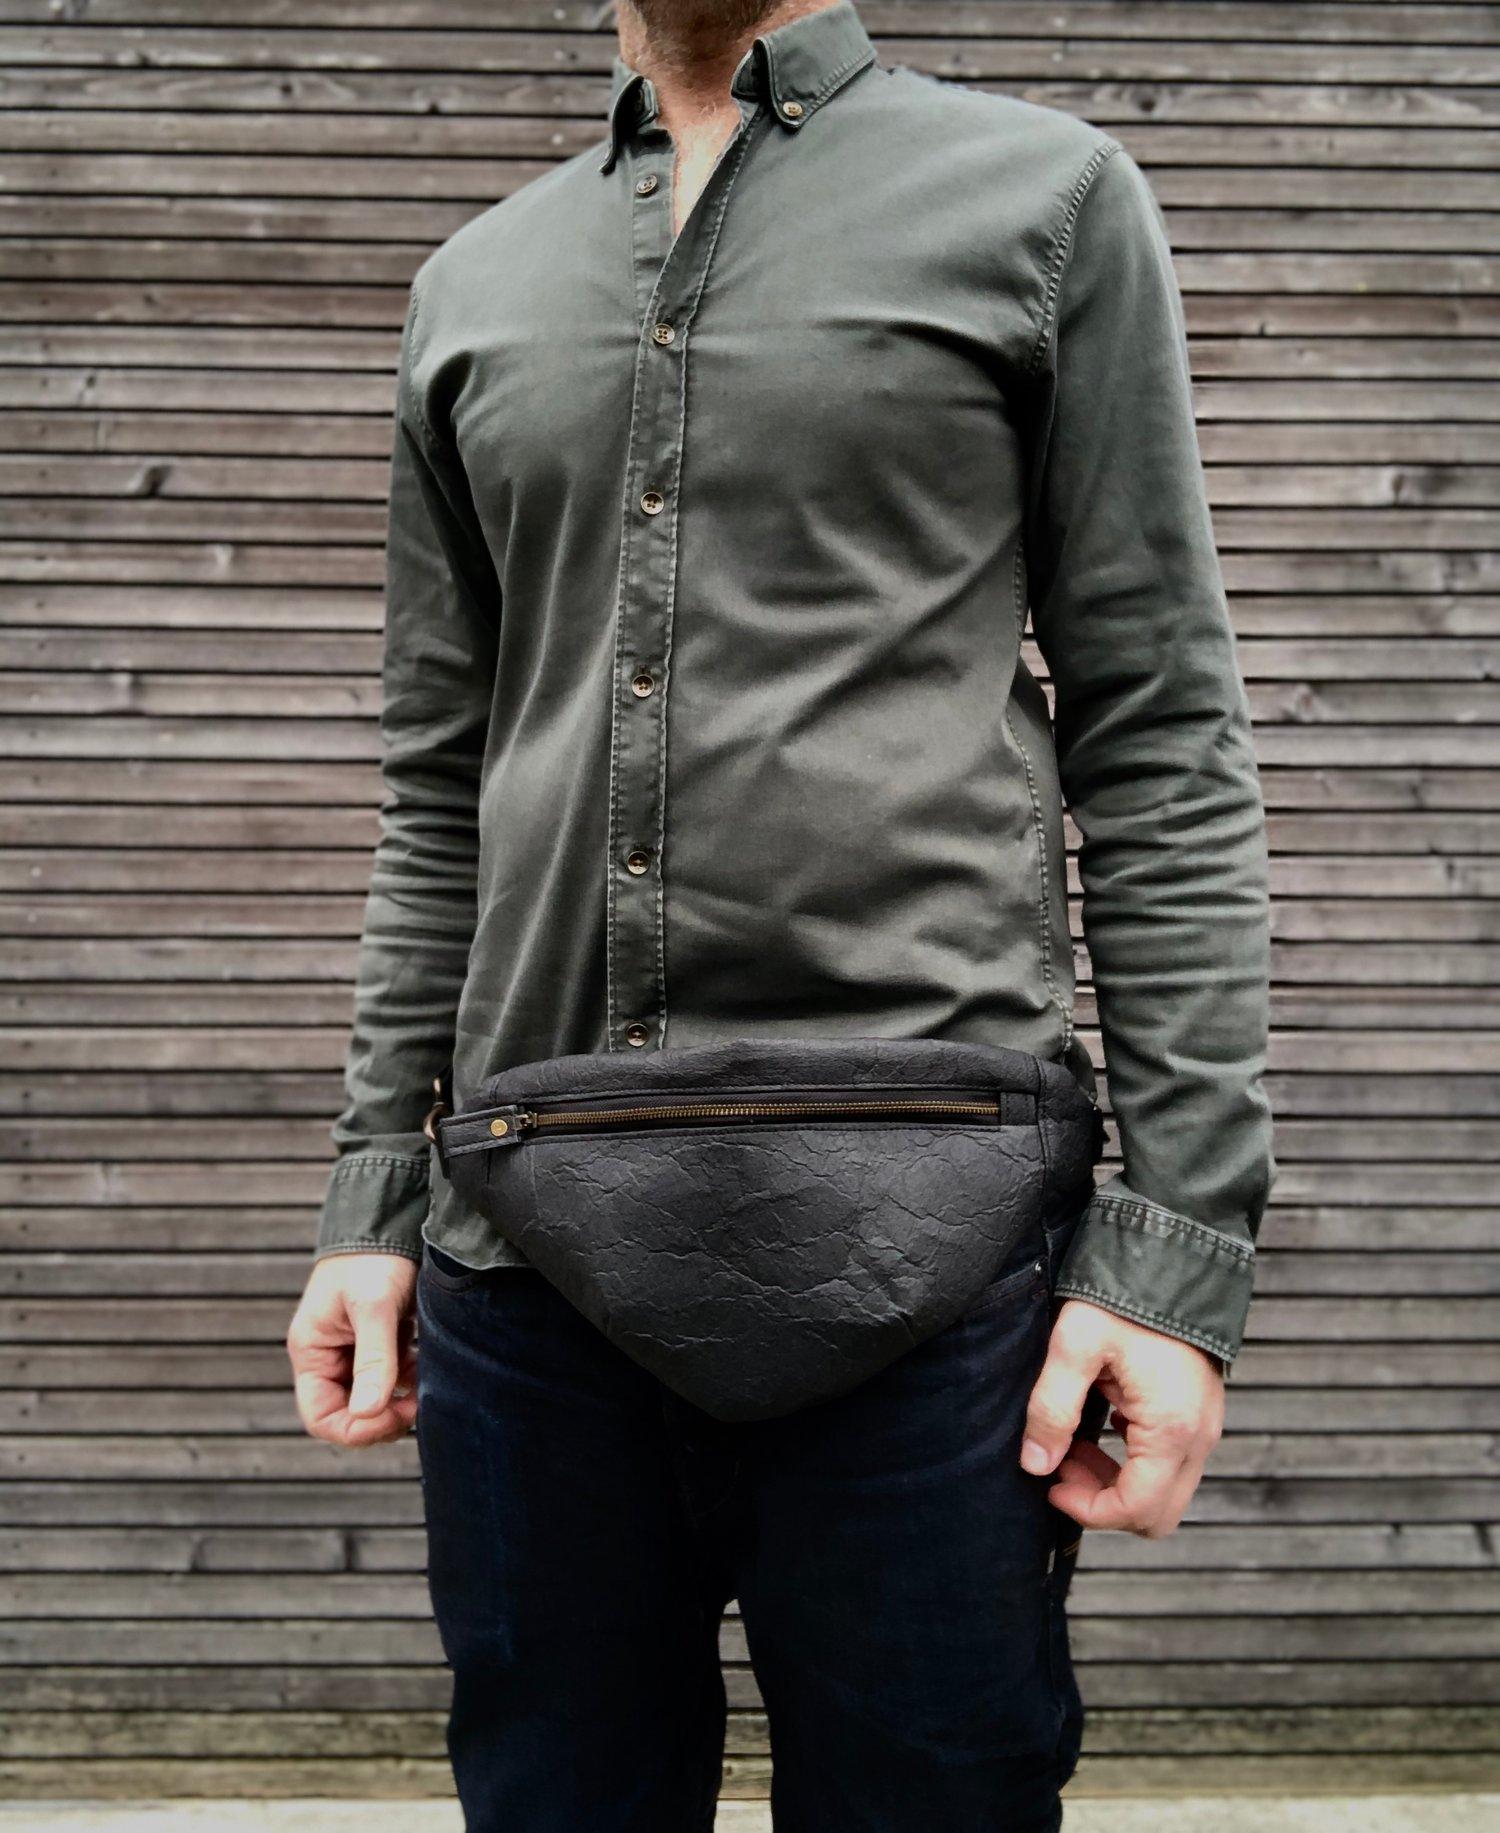 Image of Pinatex fanny pack / vegan belt bag / sling bag/ chest bag unisex collection